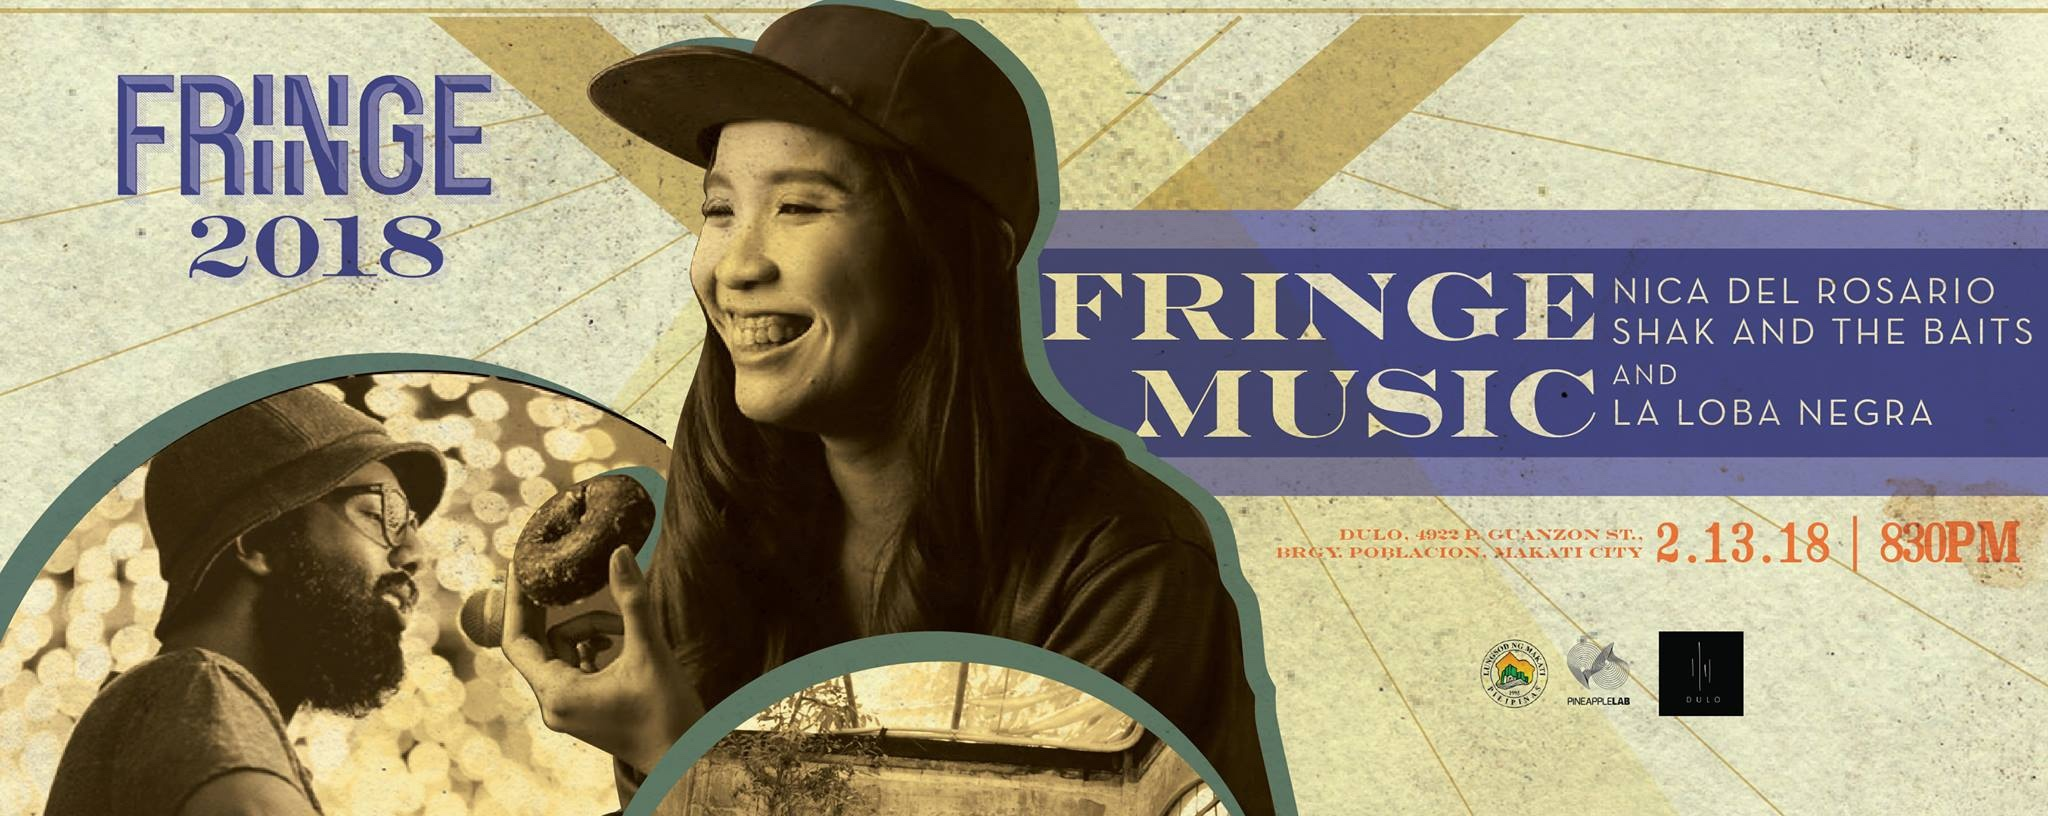 Fringe Music: Live at Dulo!